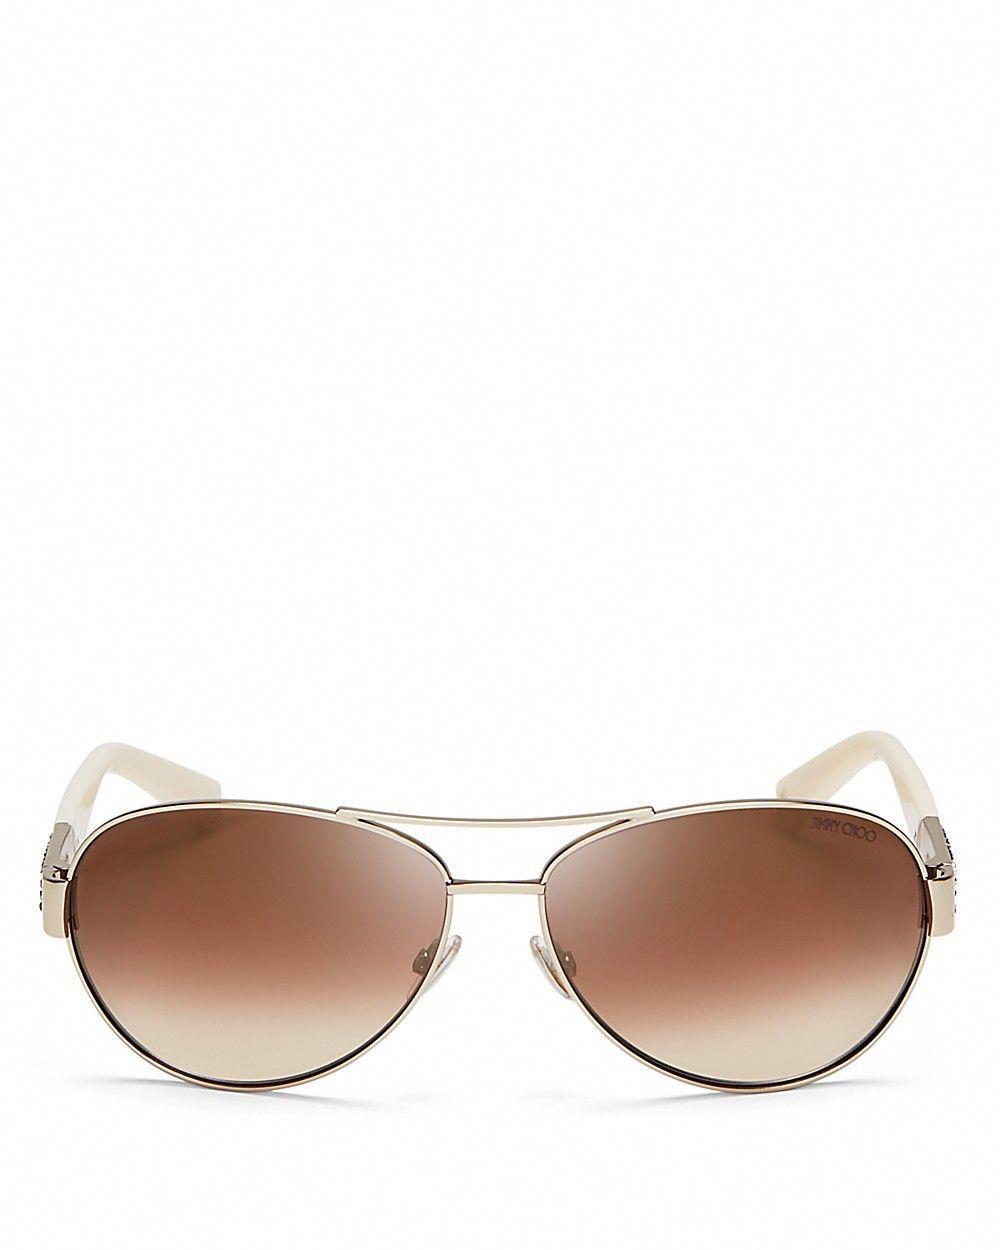 f5d71eaad6dd3 JIMMY CHOO Jimmy Choo Mirrored Baba Aviator Sunglasses